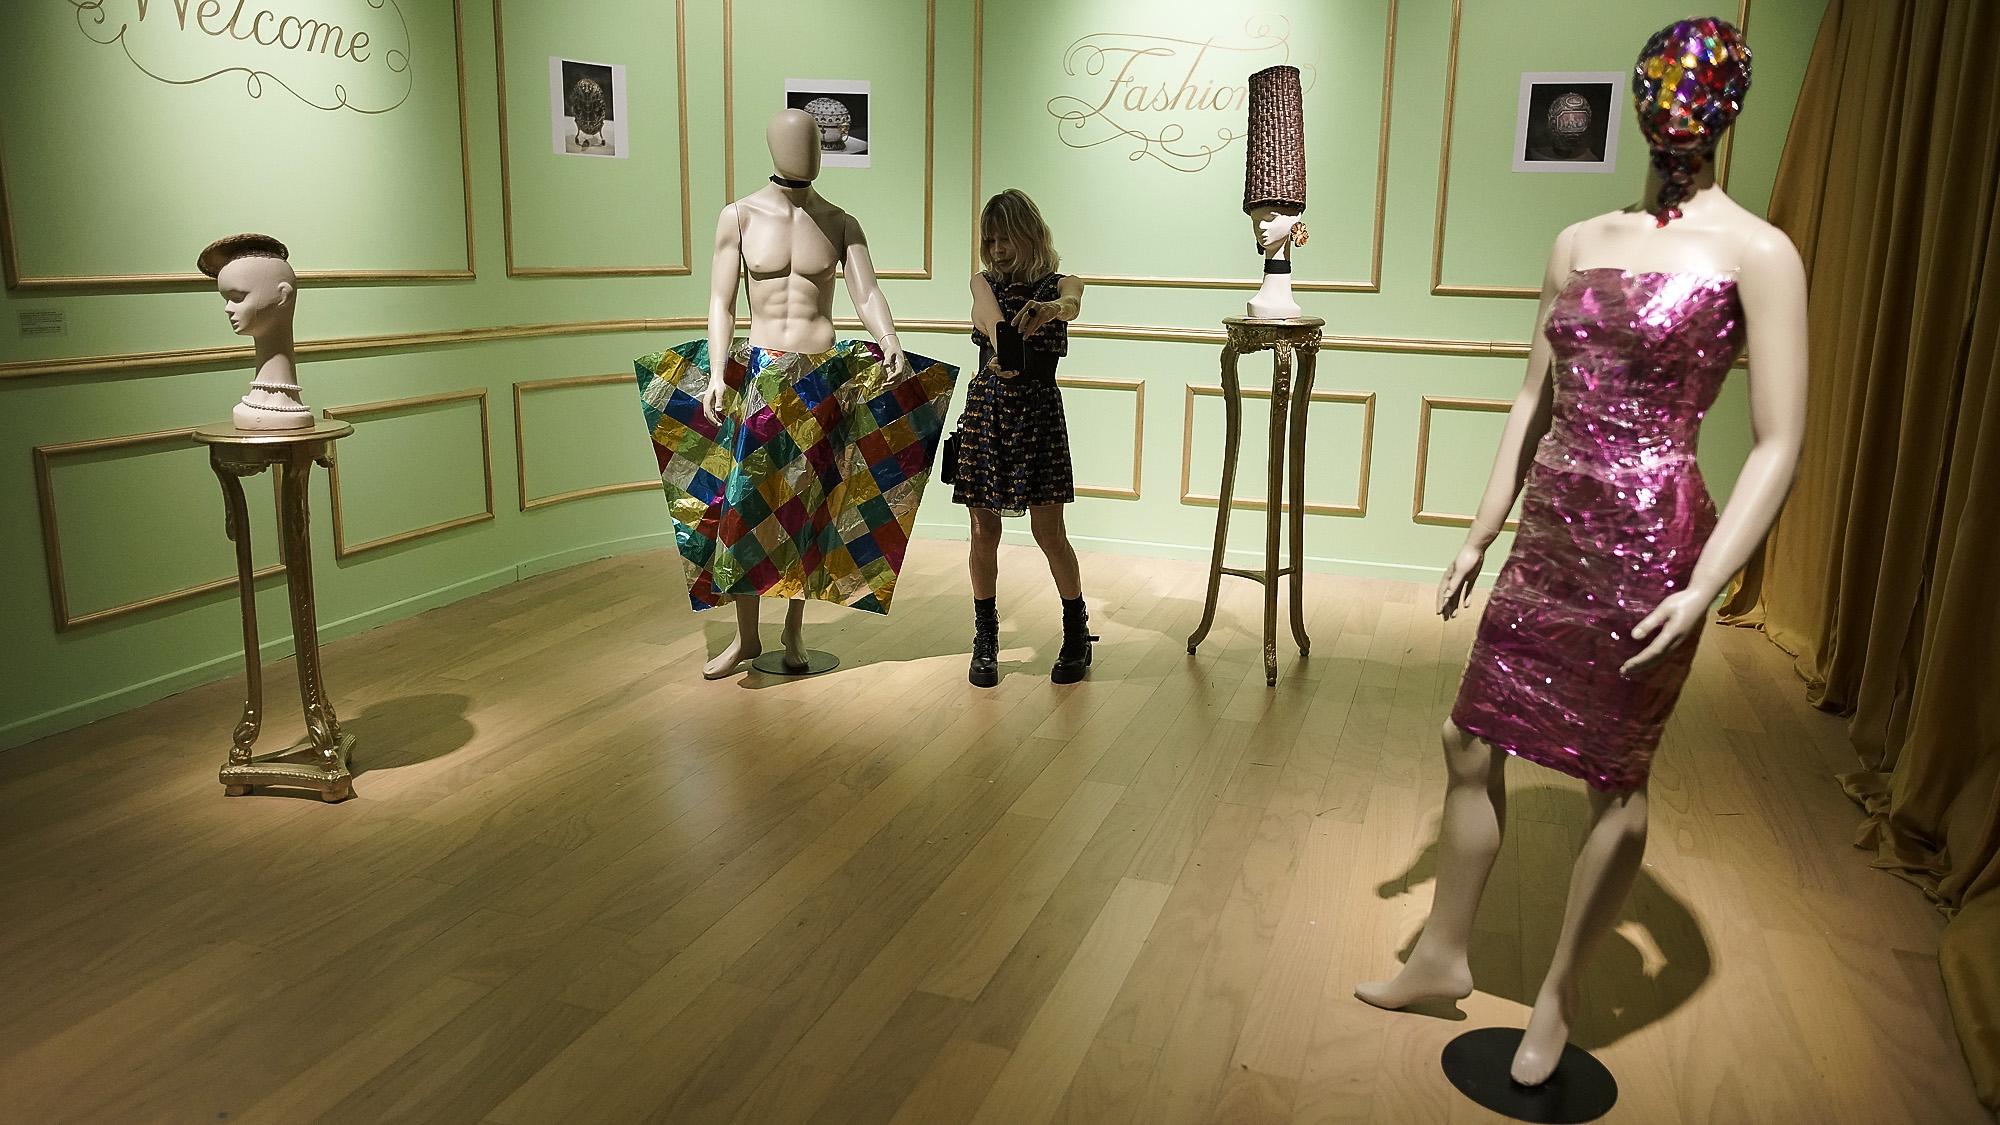 Para el año 2000, hacía más de una década que Sergio De Loof era sinónimo de una sensibilidad única, con la que creaba ambientaciones, ropas y desfiles fantásticos haciendo uso de materiales desprestigiados. Con ellos, el artista forjó su propio estilo, el trash rococó, que se caracteriza por la amalgama barroca de consumos culturales eclécticos y efímeros